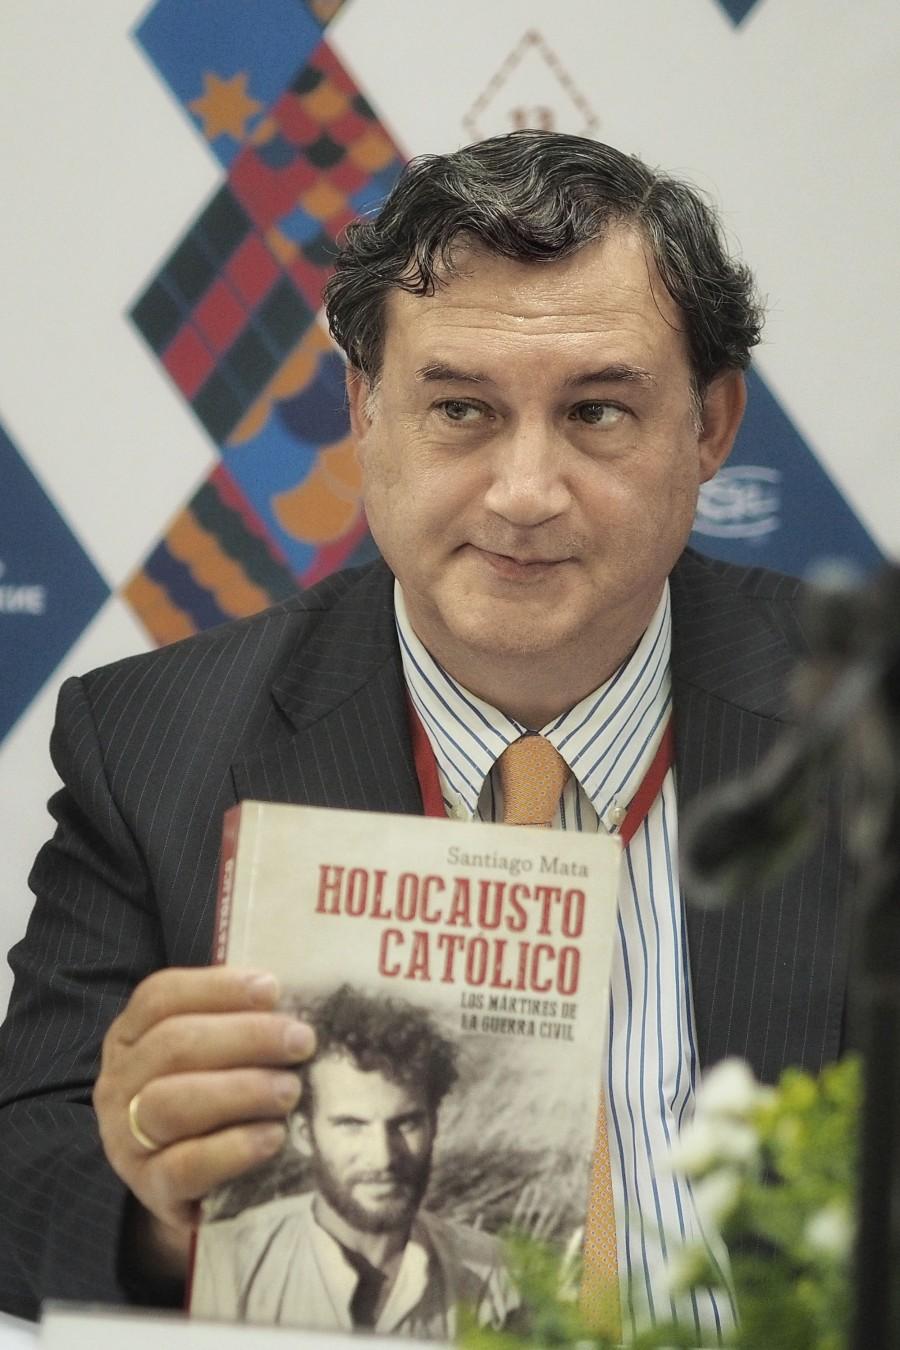 Сантьяго Мата, автор книги «Католический холокост» и других книг об истории испанской церкви